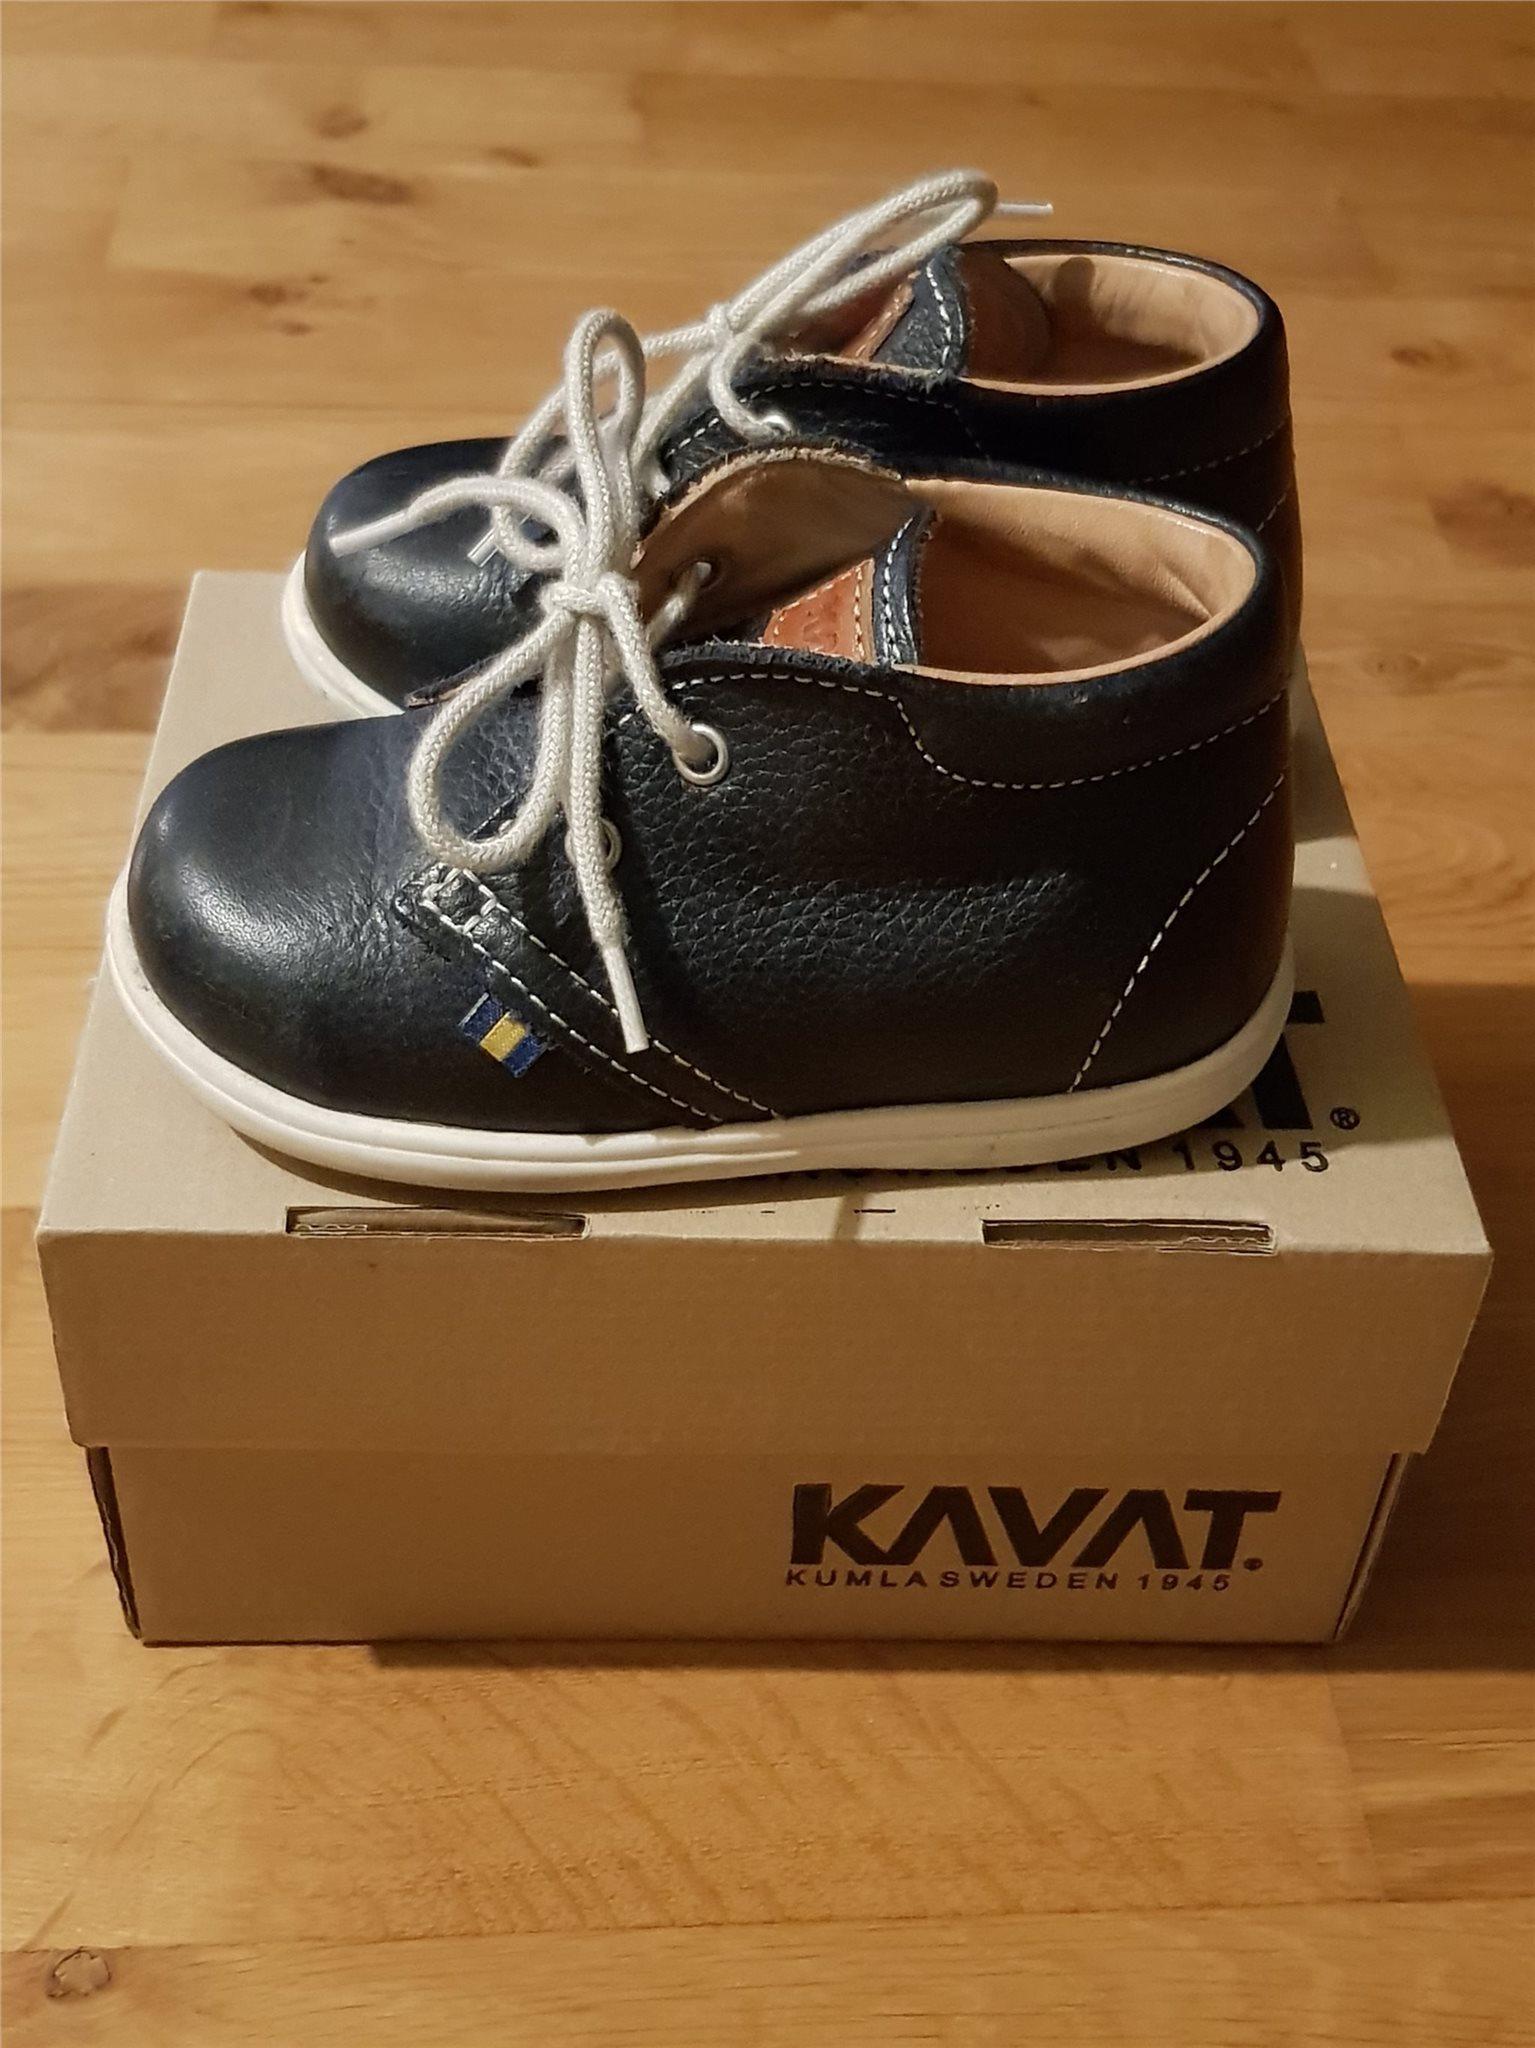 Kavat skor stl 22 (338167757) ᐈ Köp på Tradera